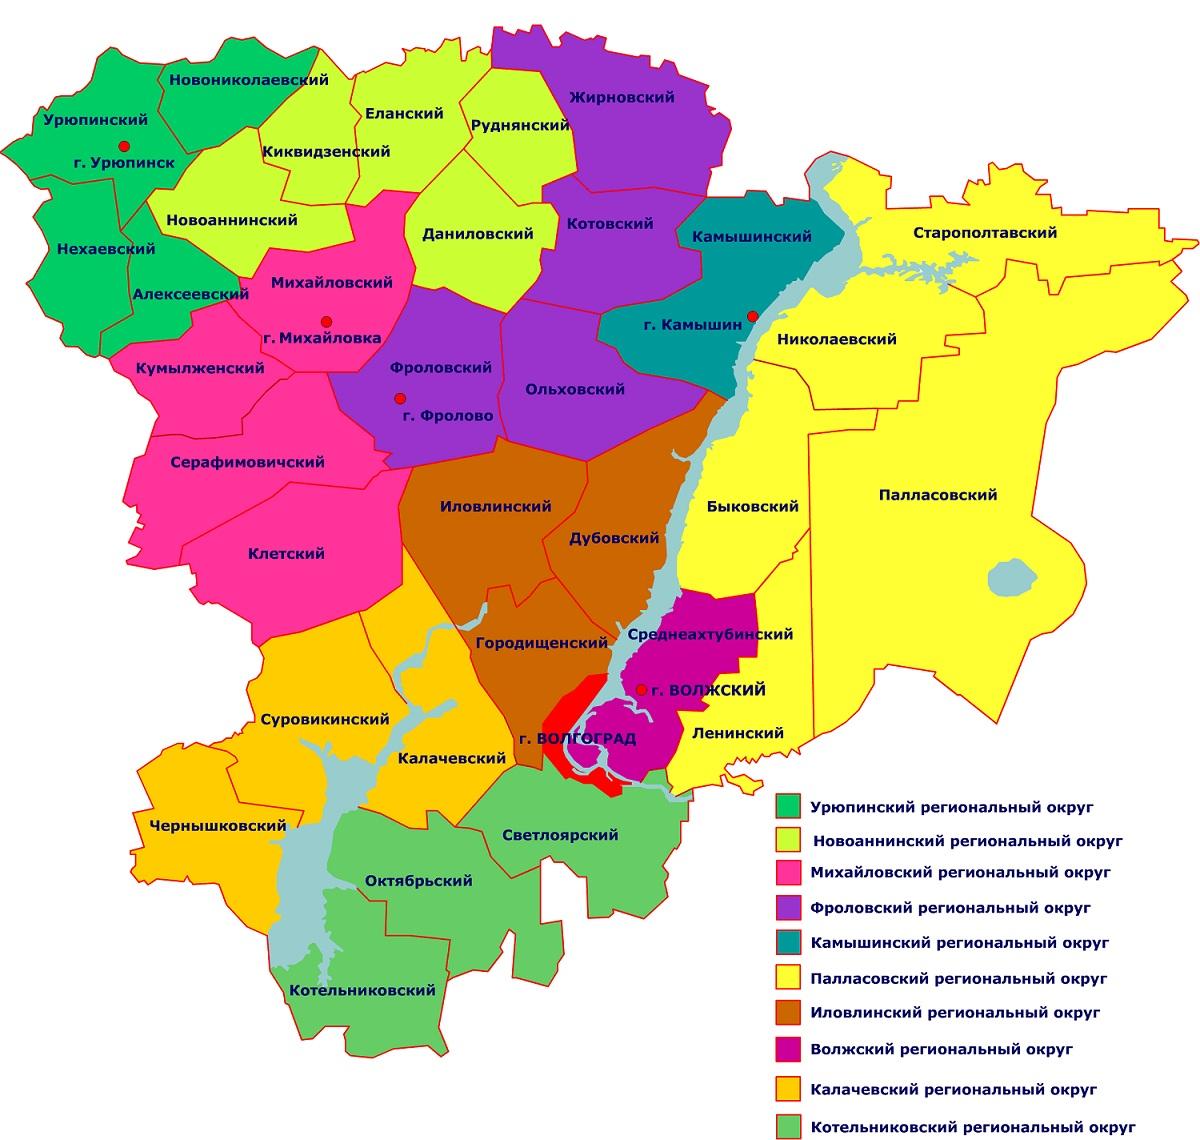 ...области онлайн - подробная и интерактивная, достопримечательности, вид Саратова со спутника а также схема районов.